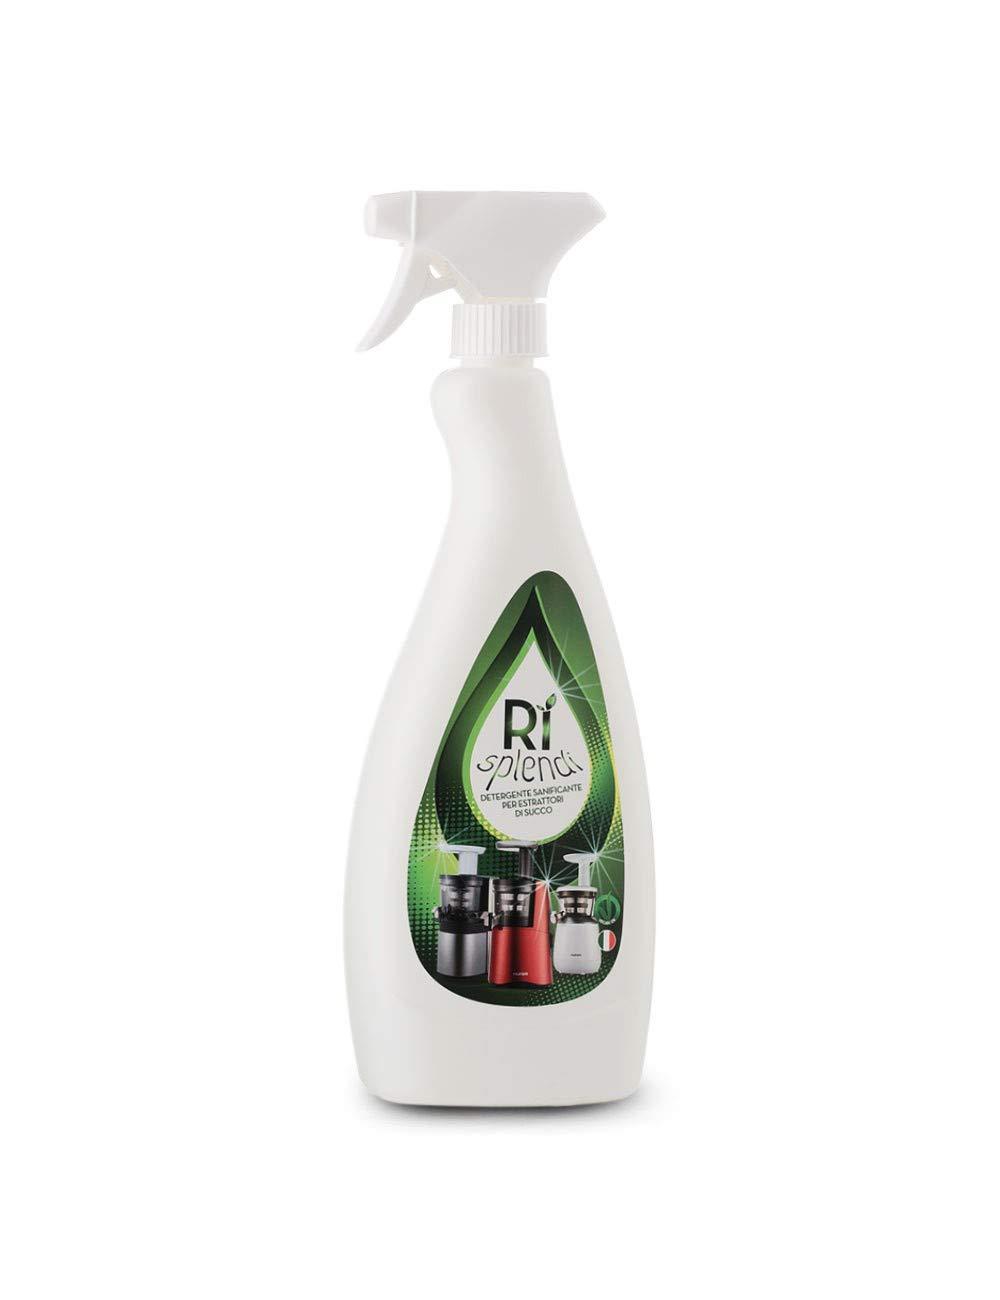 Risplendi- Hurom Detergente sanificante per estrattori di Succo 750 ml. - 2021 -